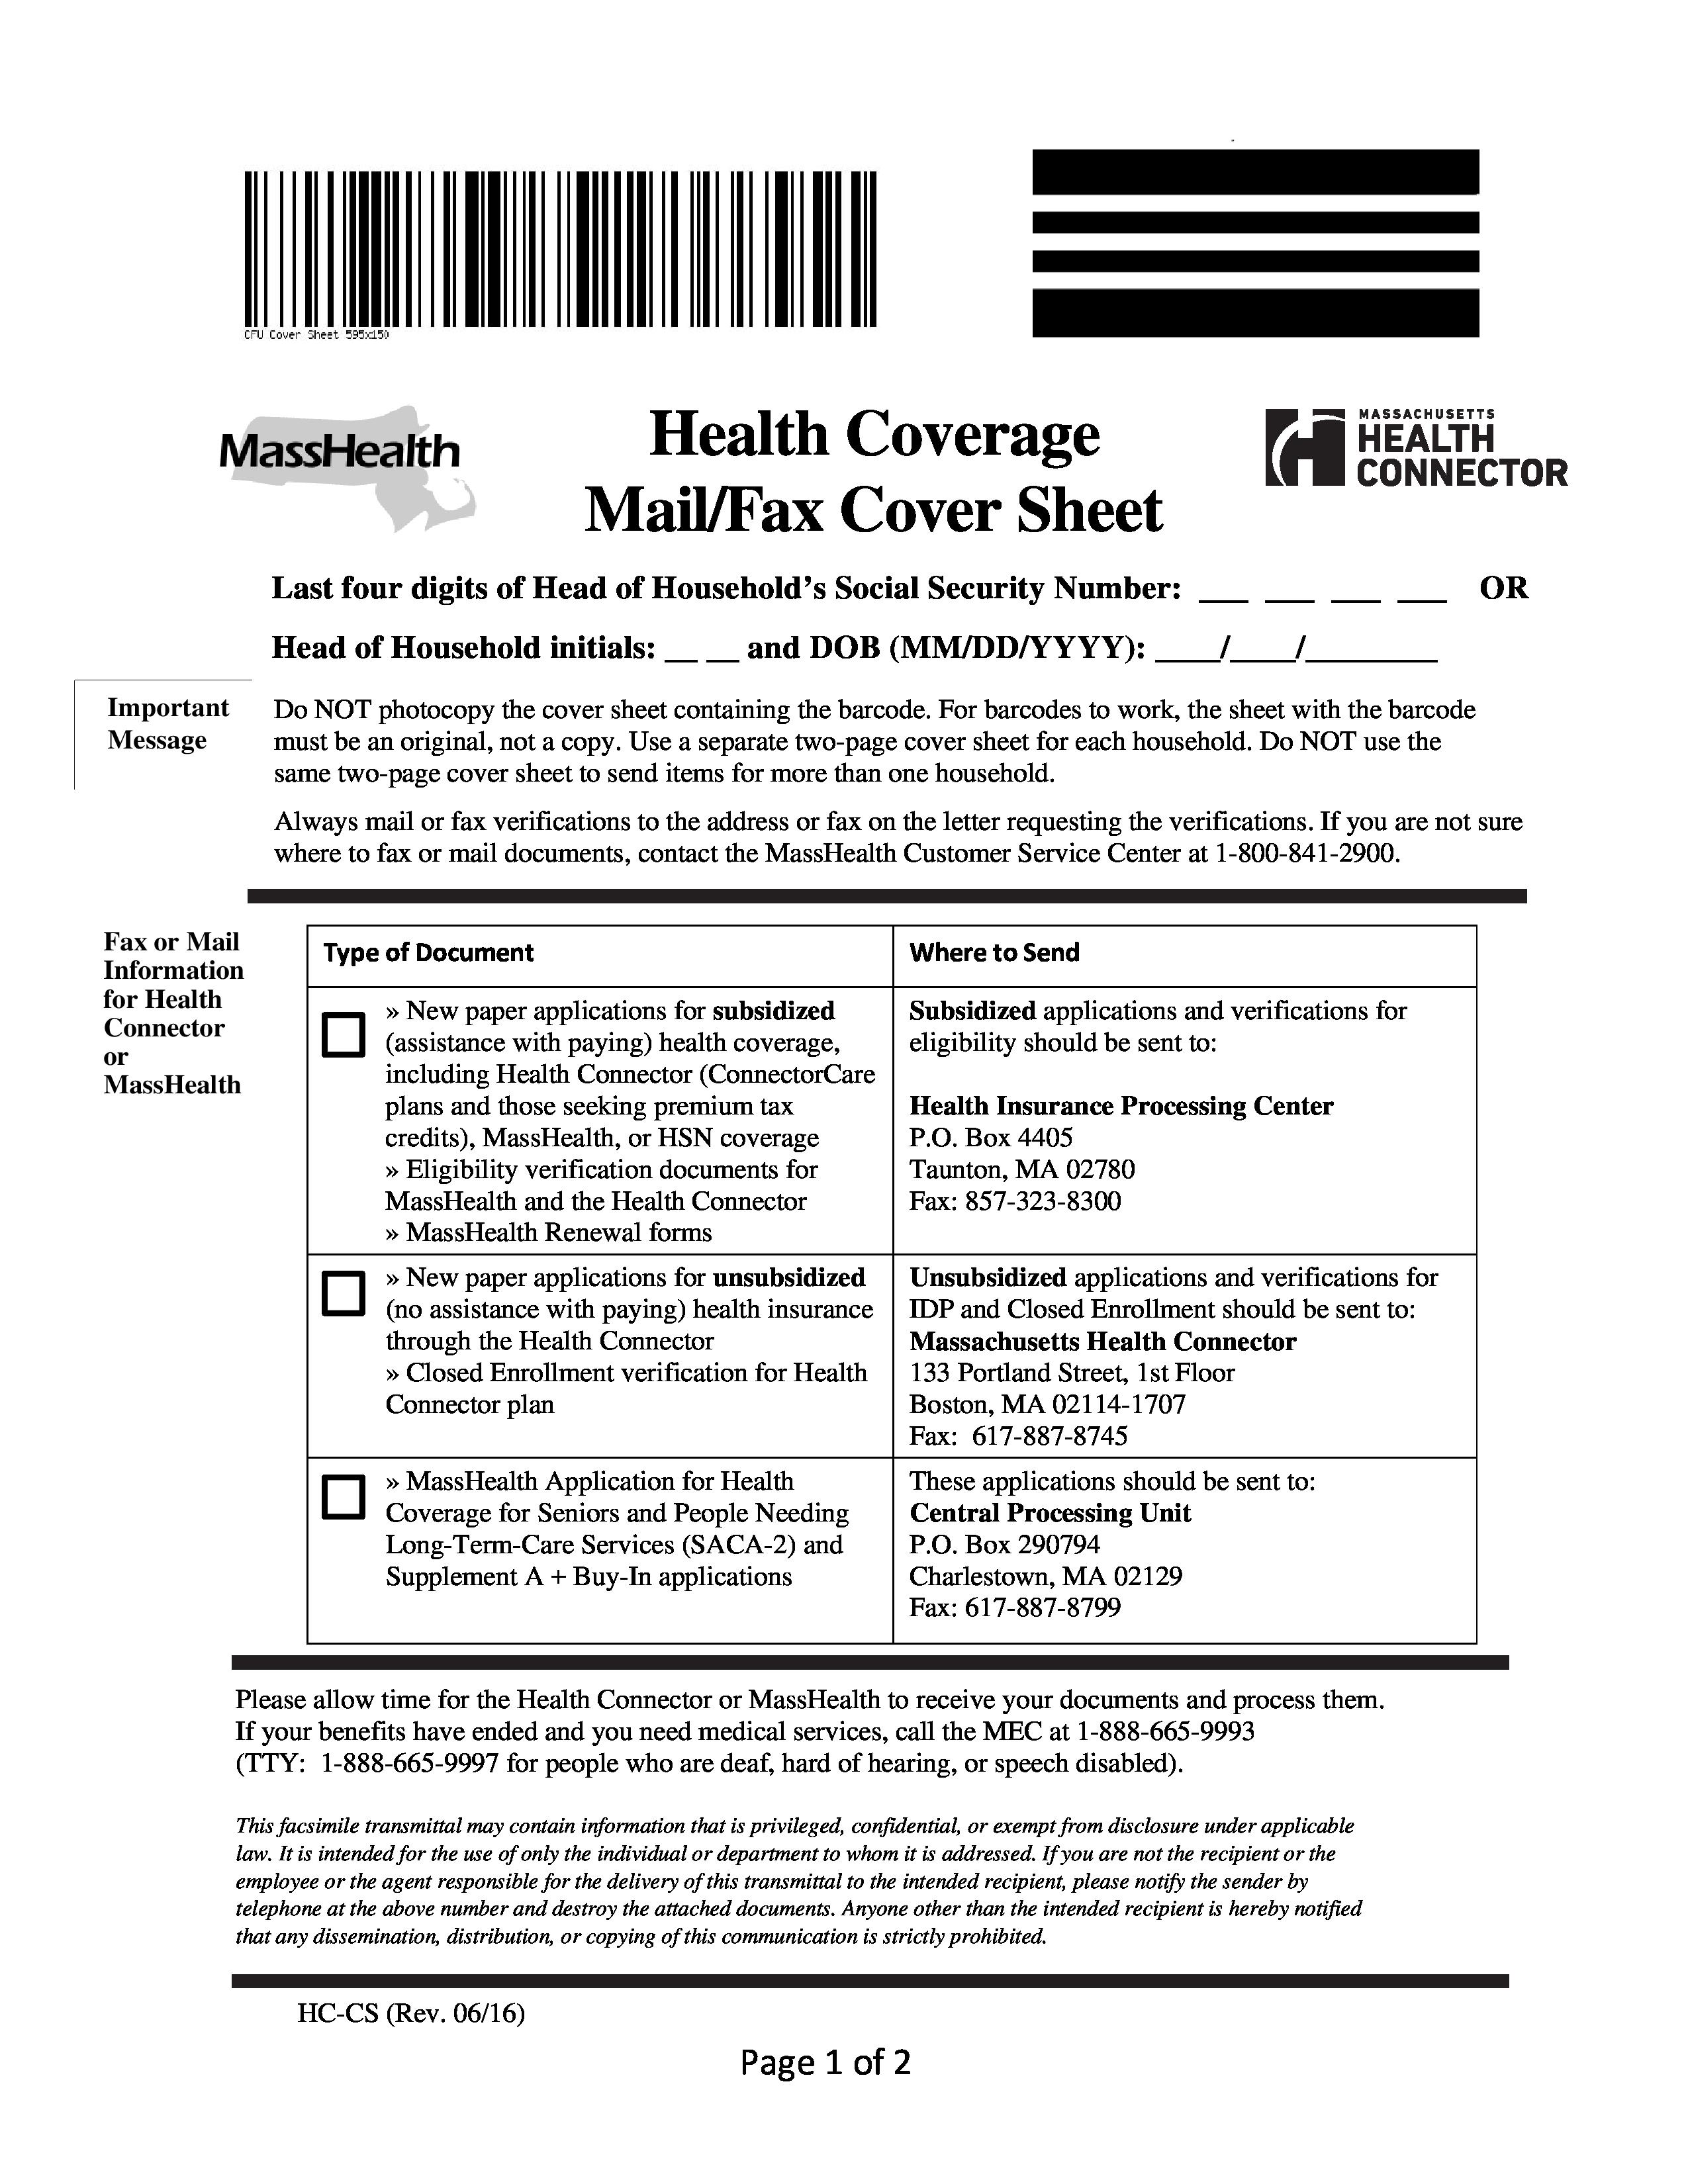 Letterhead Fax How To Write A Letterhead Fax Download This Letterhead Fax Template Now Templates Letterhead Fax Cover Sheet